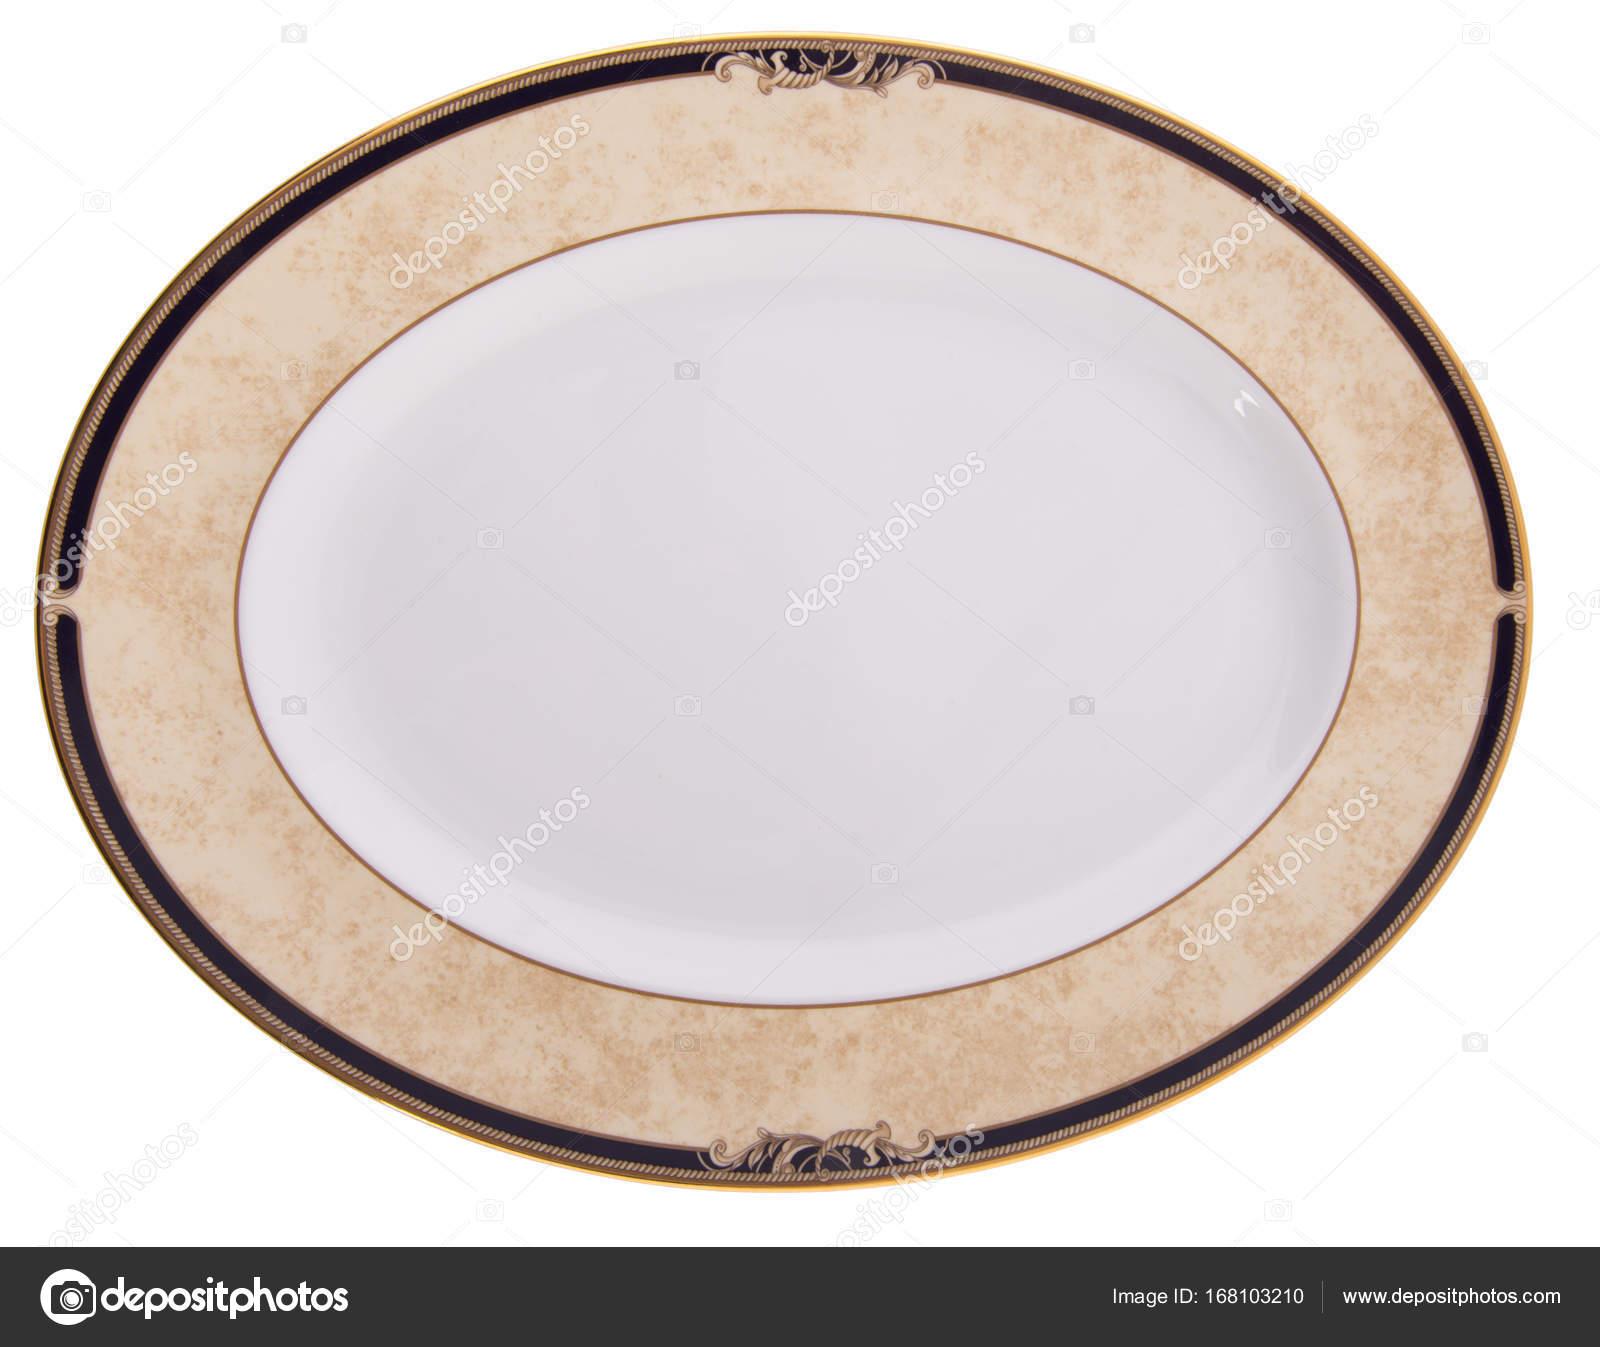 Plato de cer mica color lujoso hermoso para alimentos foto de stock miho666 168103210 - Platos ceramica colores ...